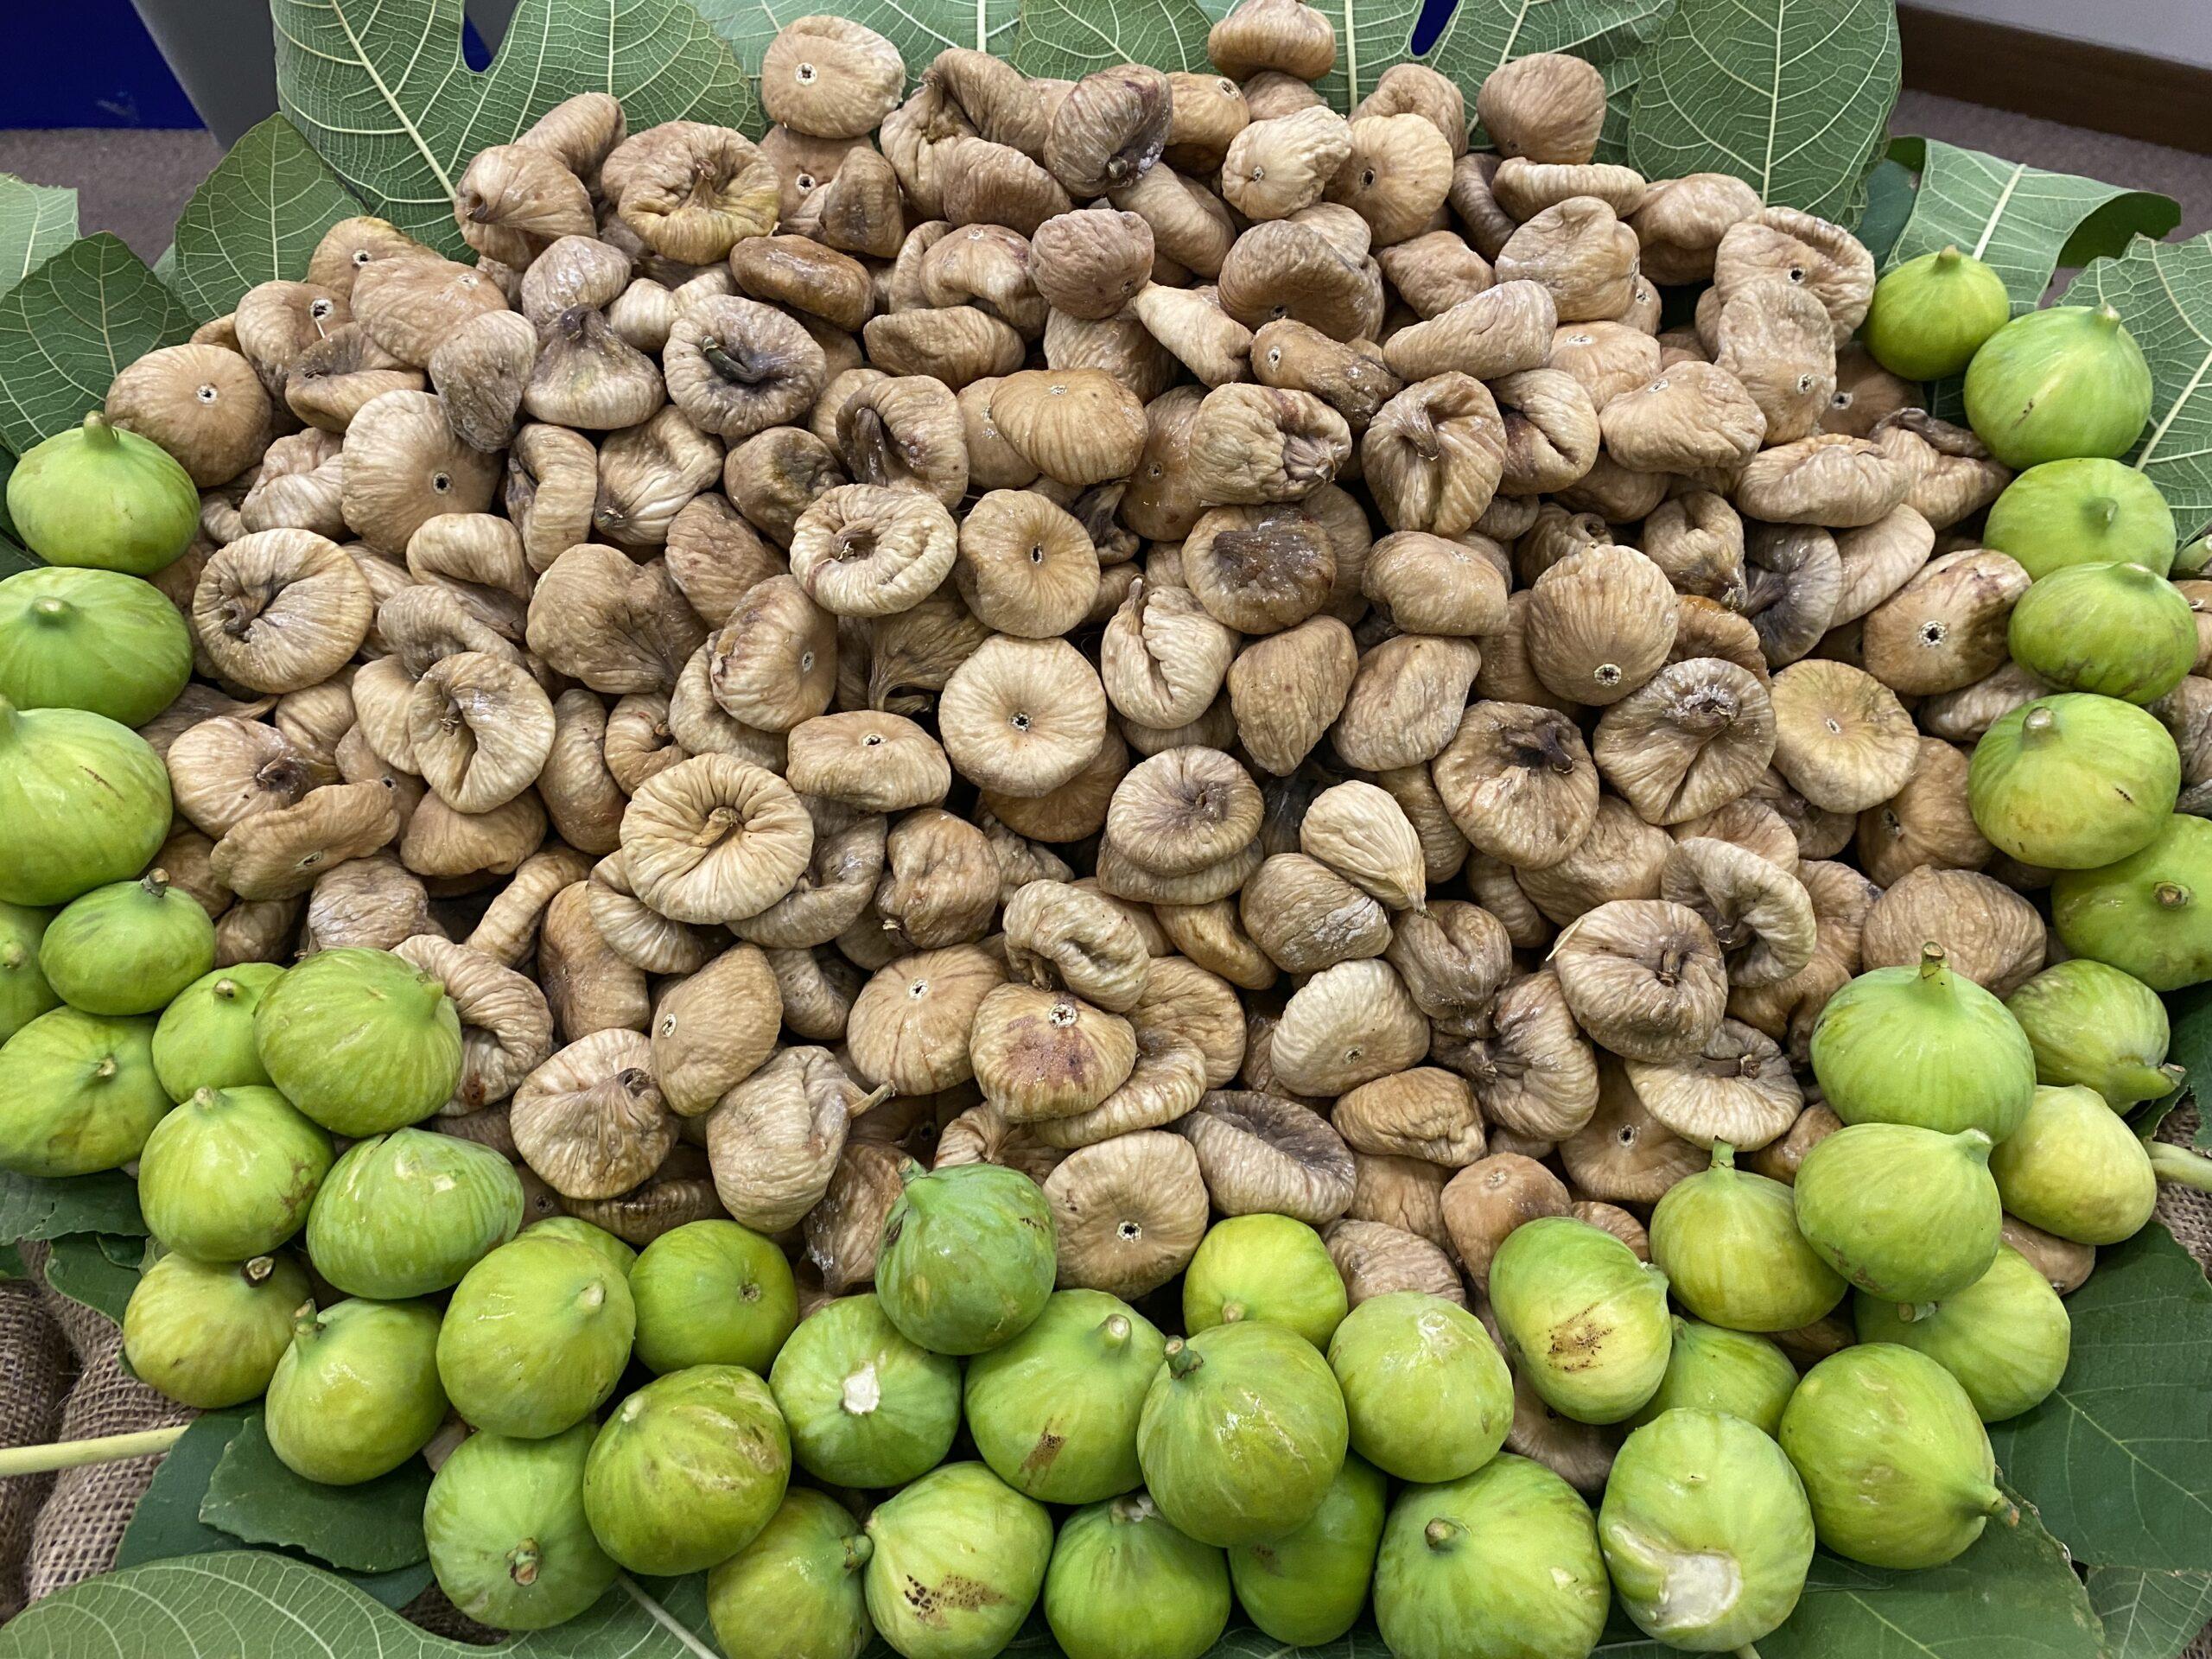 Kuru incir ihracatında 256 milyon dolar döviz geliri elde edildi